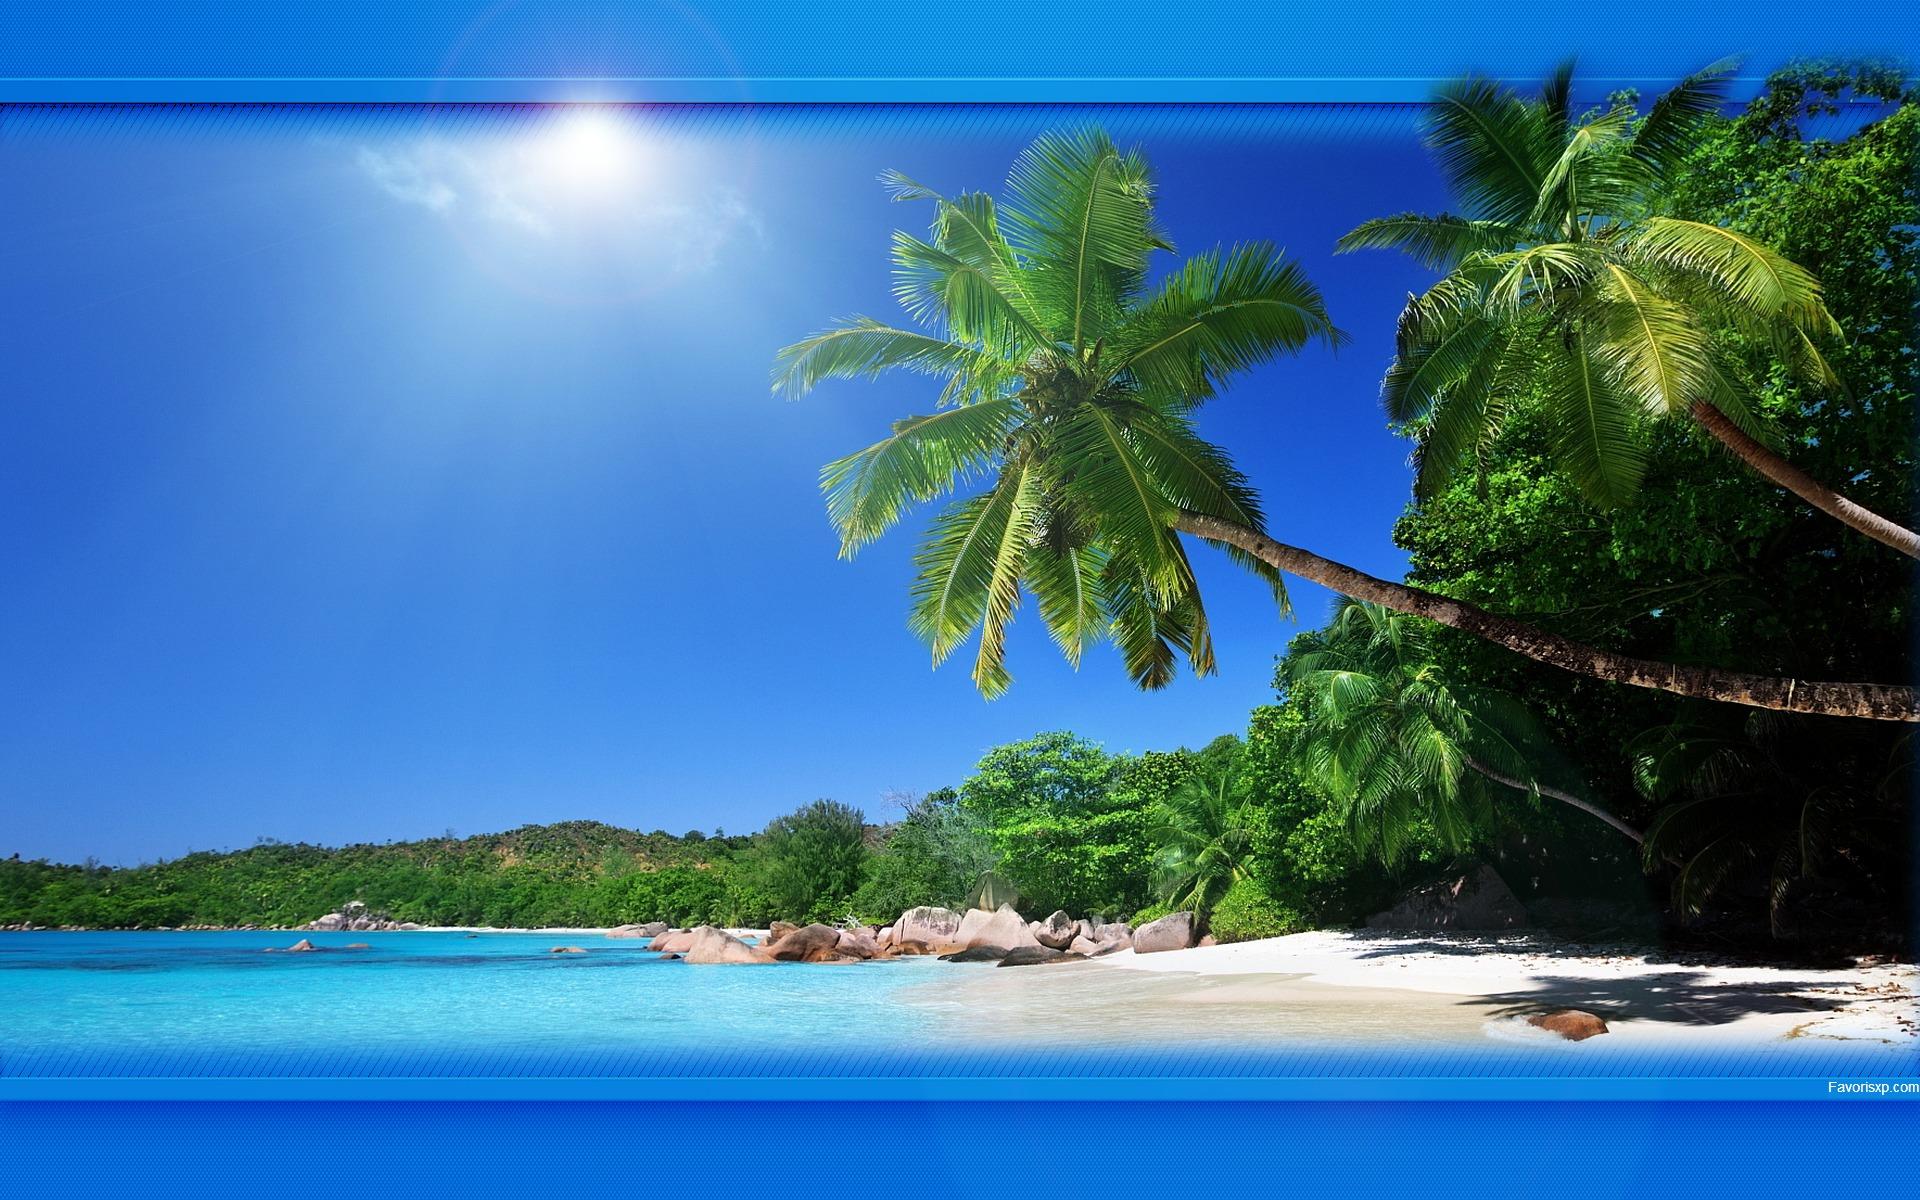 Fond d'écran de plages.